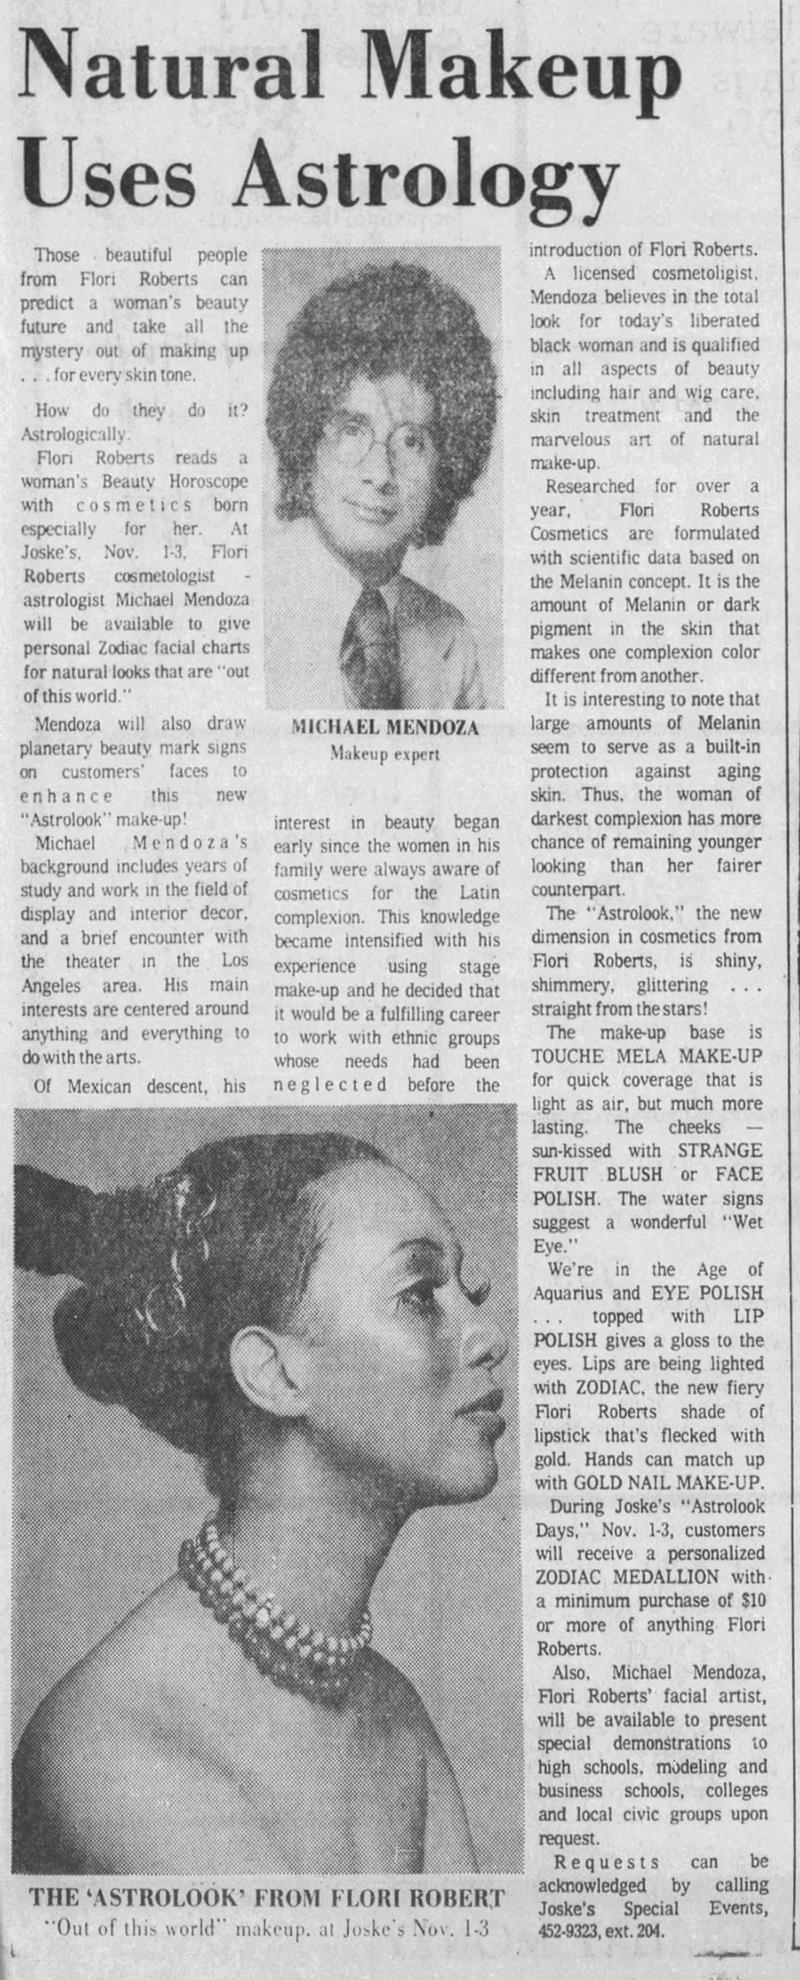 Flori Roberts zodiac line, 1973